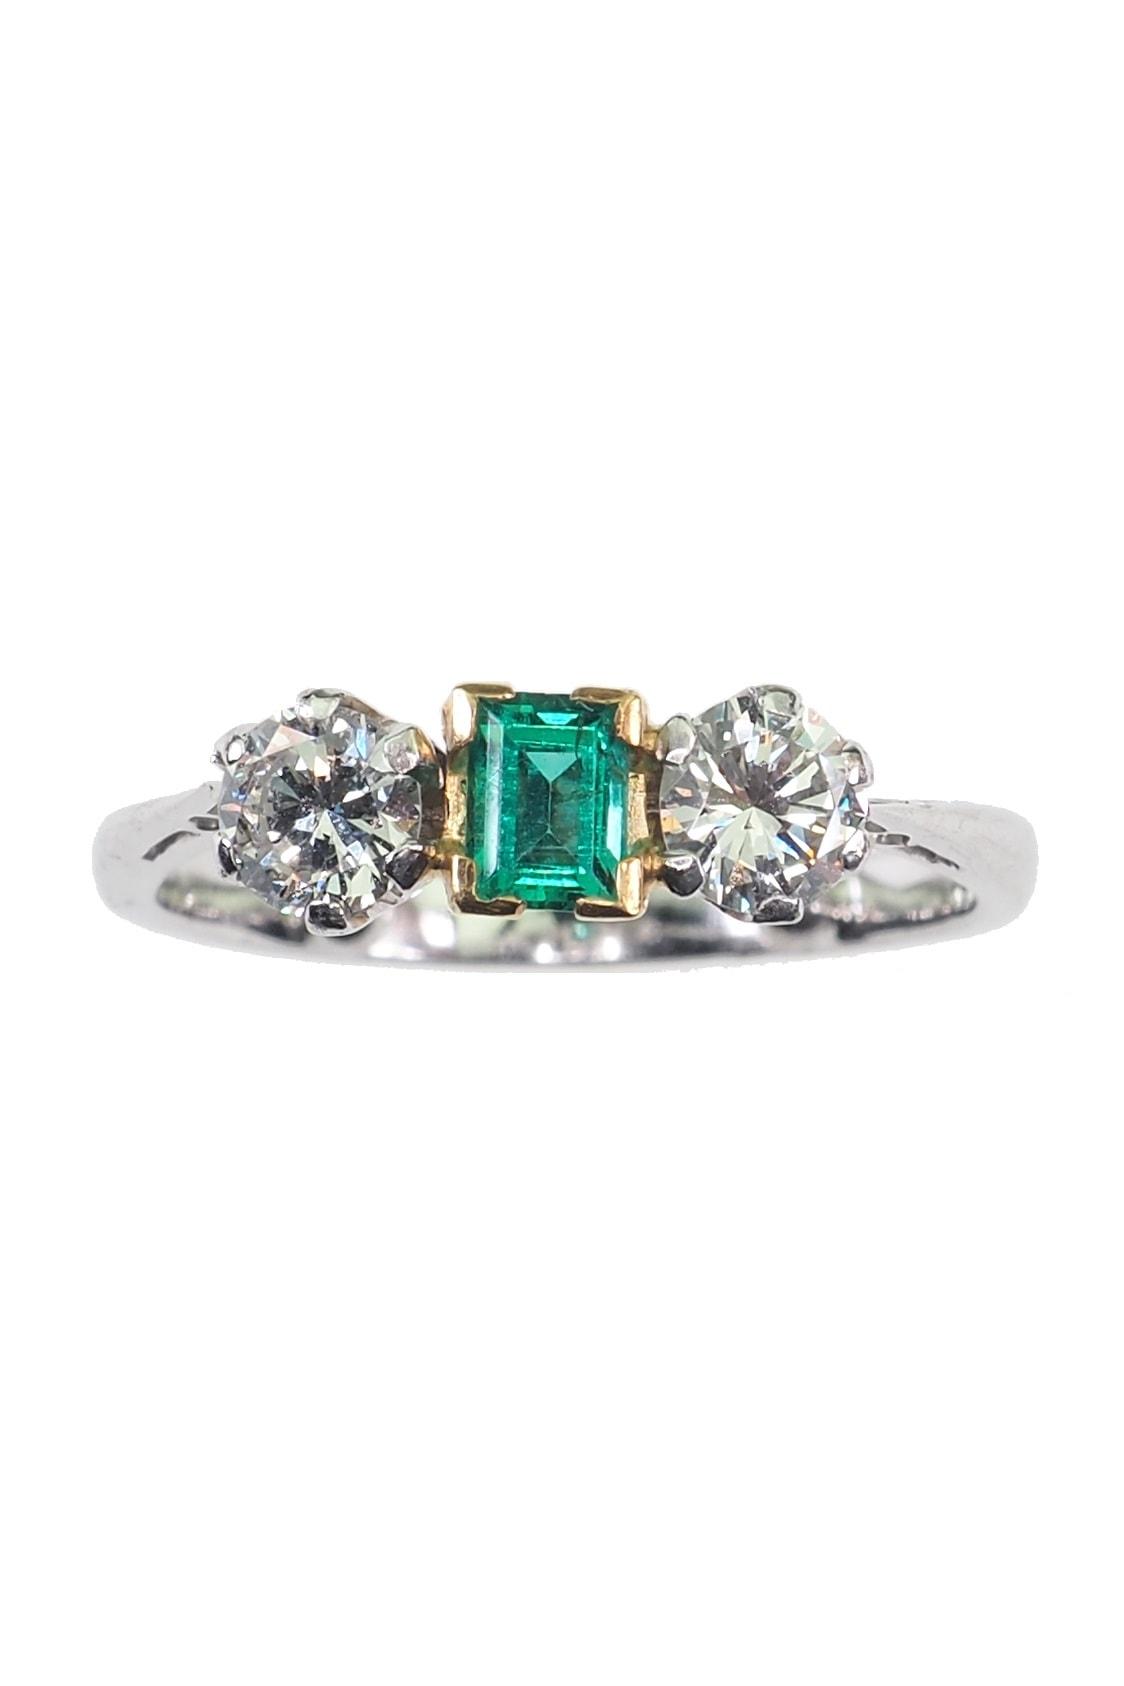 Smaragdringe-online-kaufen-0756